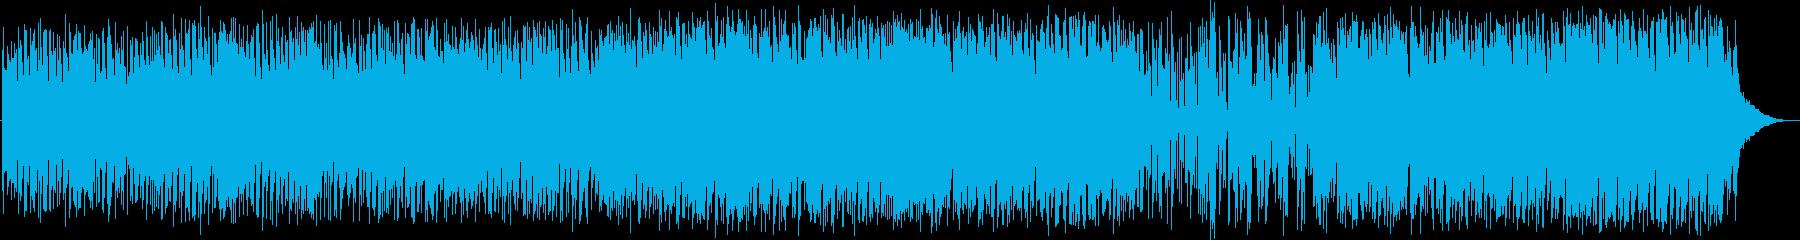 砂漠・荒野系のマップに合いそうなゲーム曲の再生済みの波形